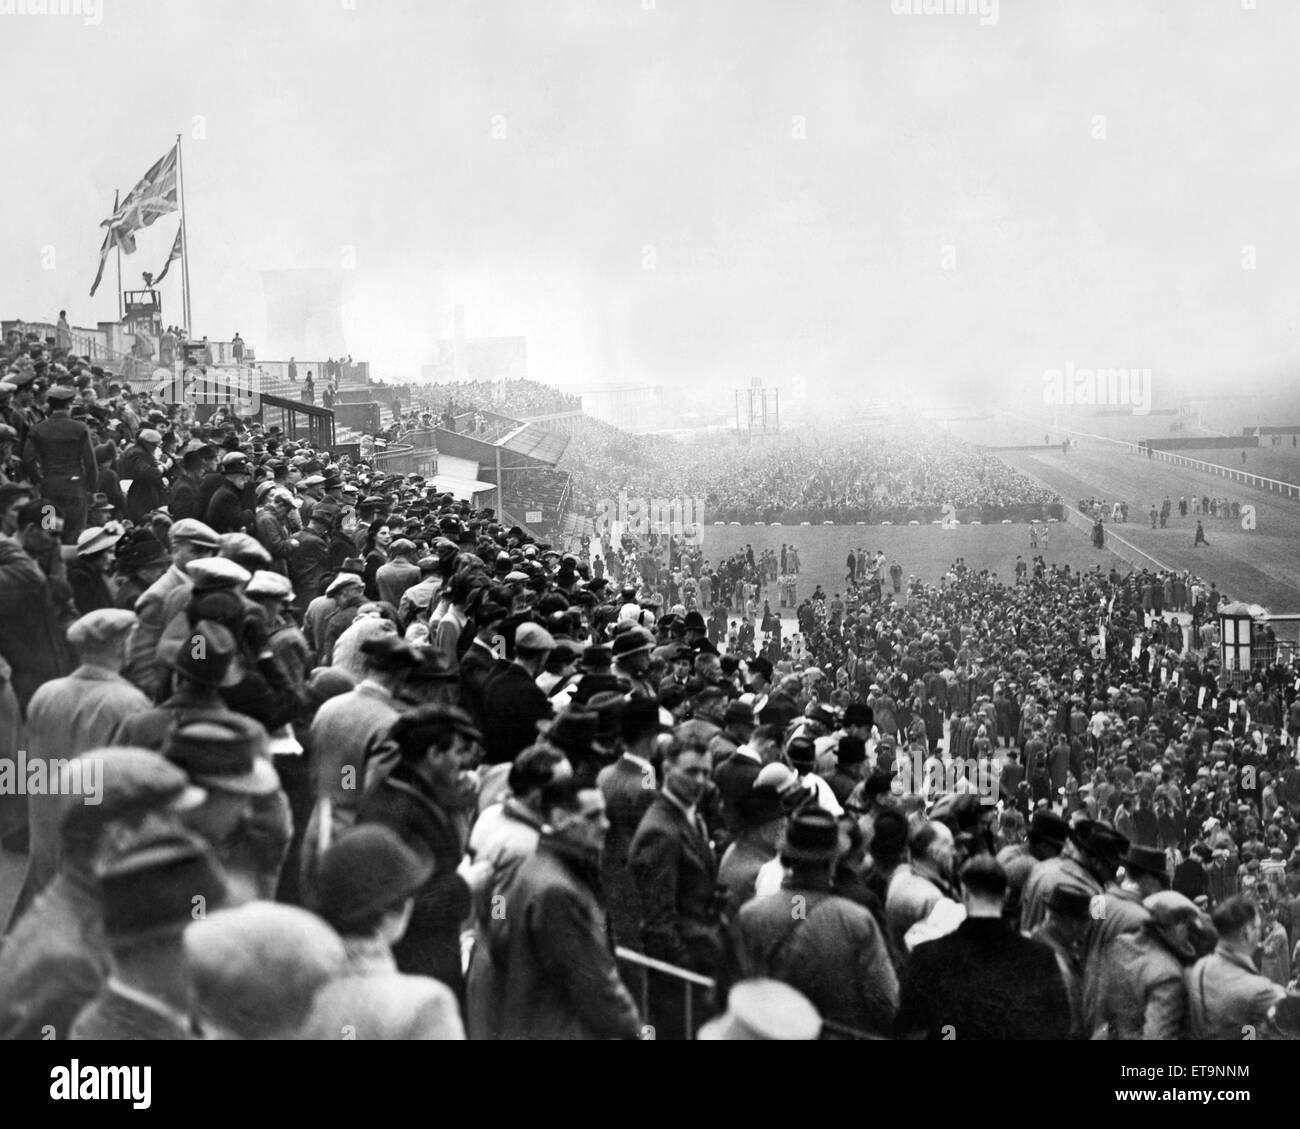 Un generale in scena tra gli eventi presso l'Aintree Racecourse a Liverpool il giorno del Grand National. Il Immagini Stock